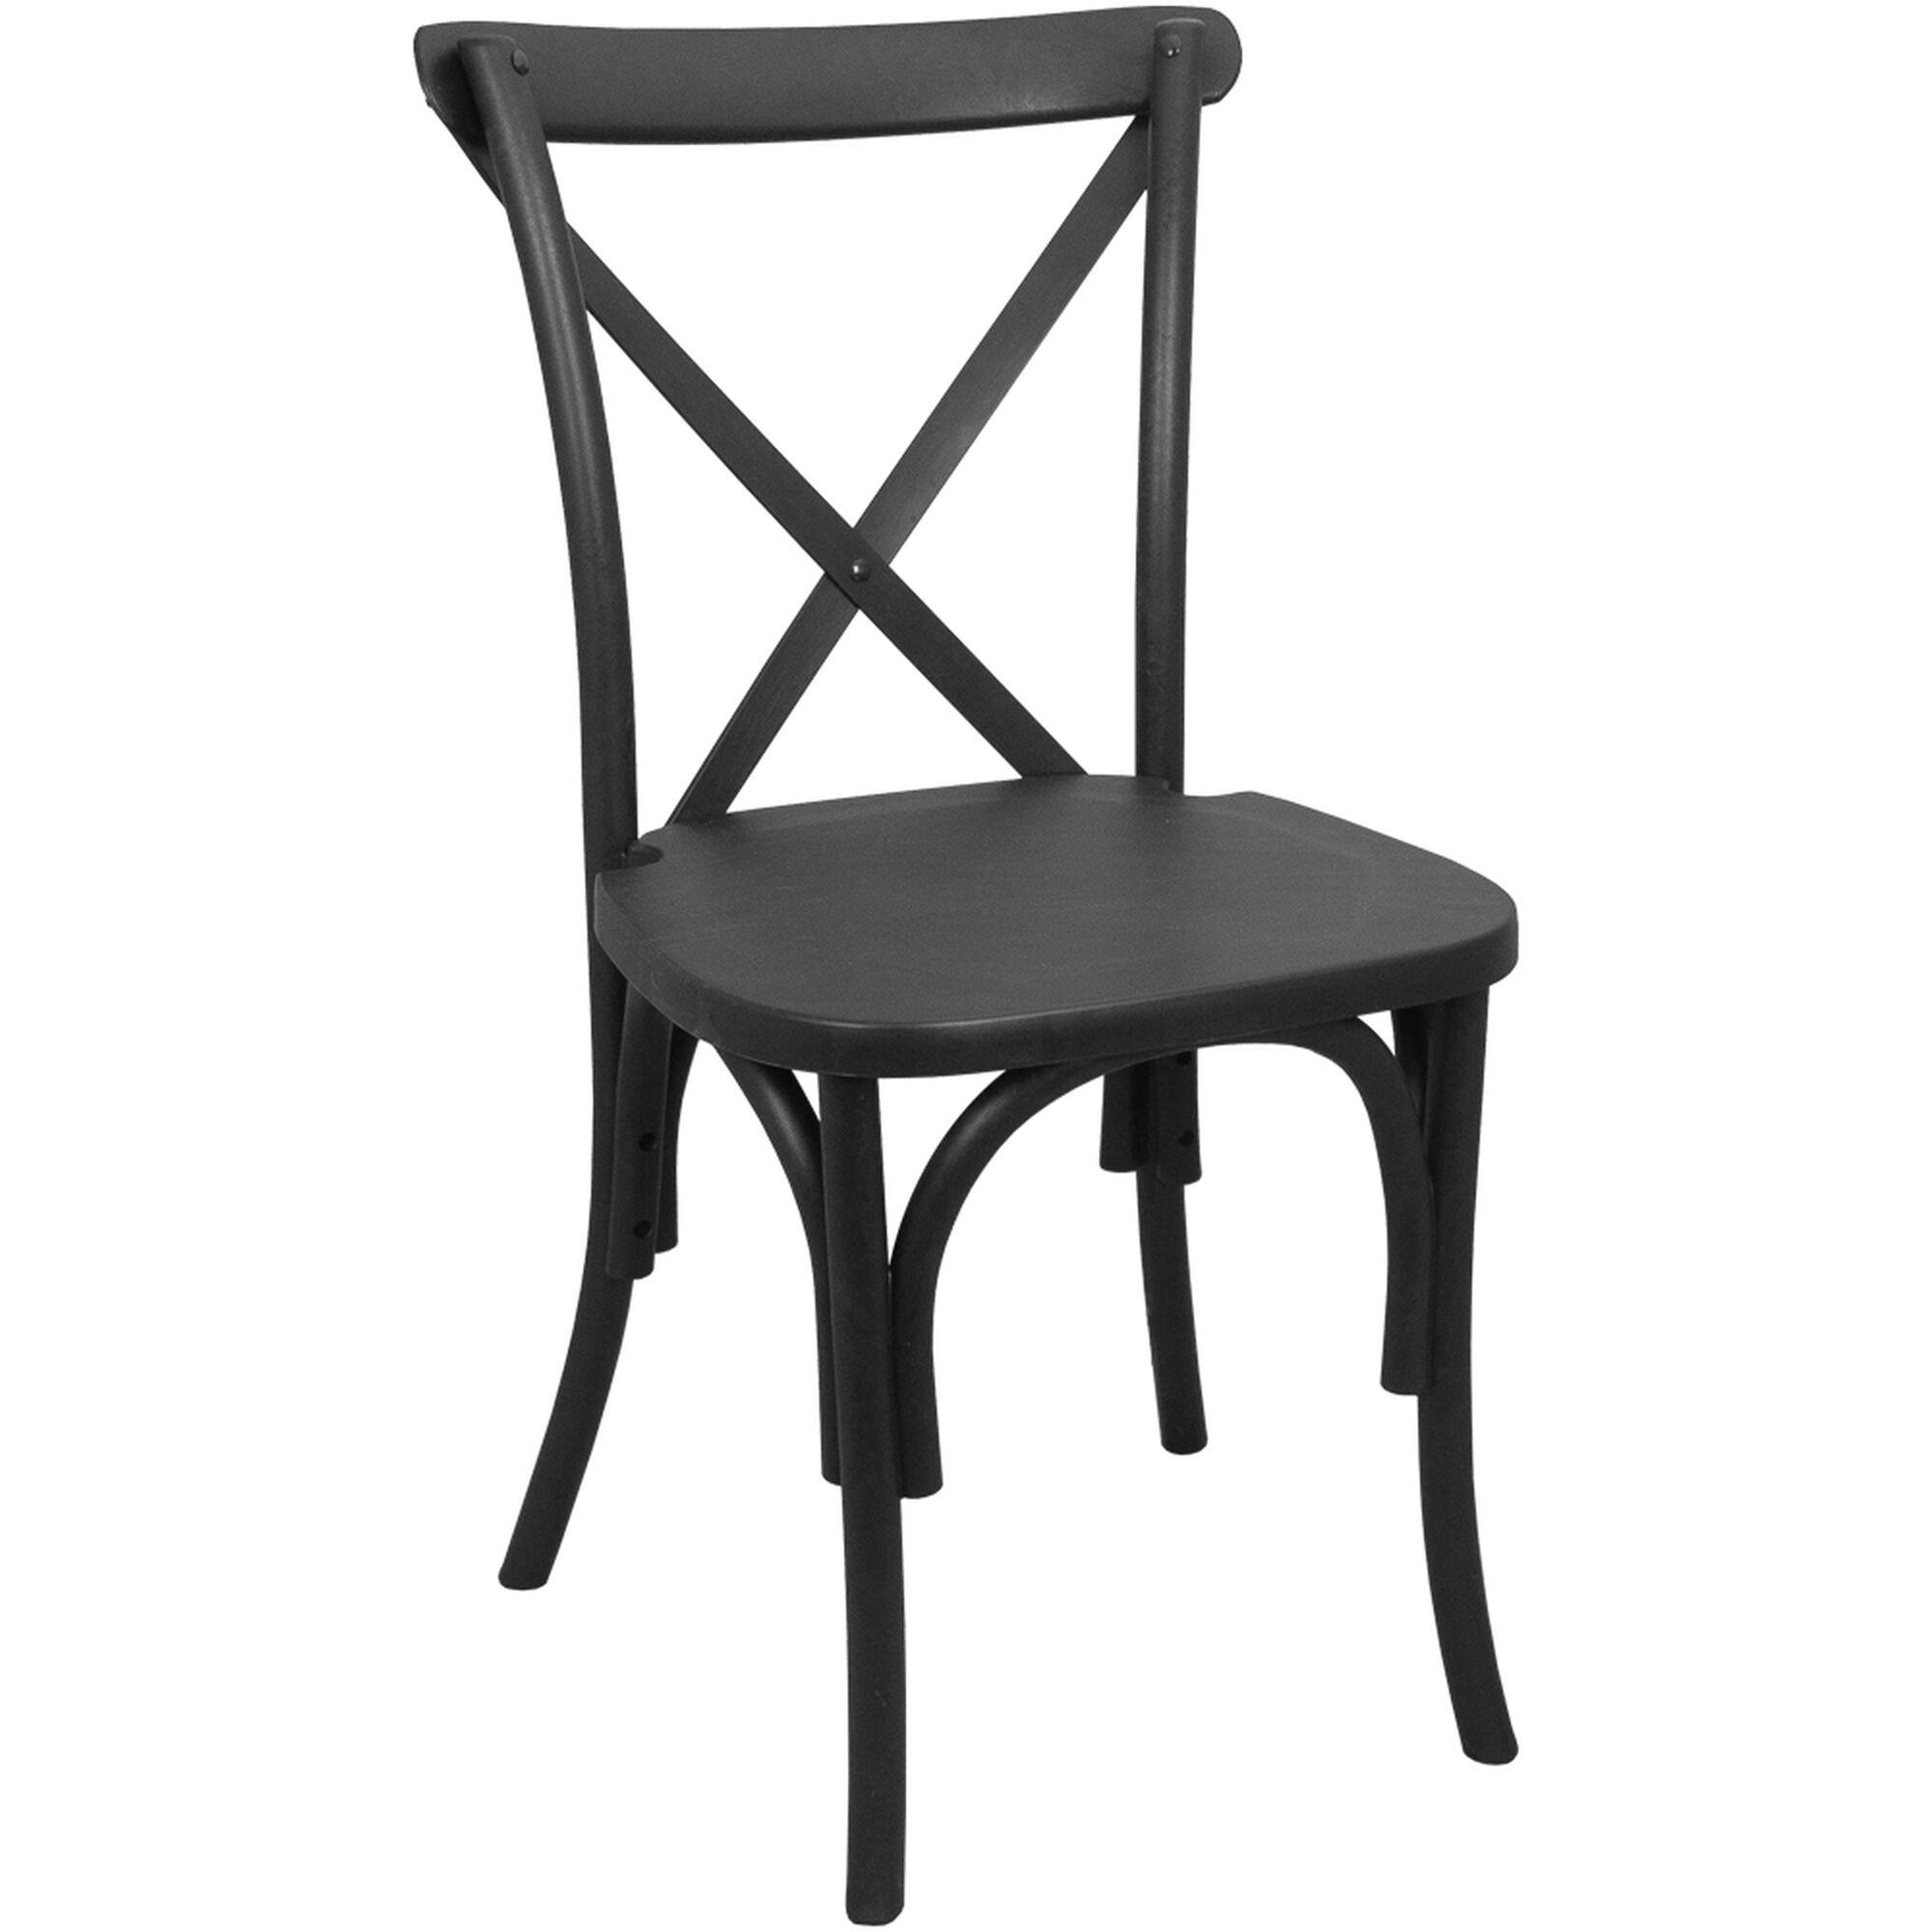 Black Resin X Back Chair Resxb Black Churchchairs4less Com